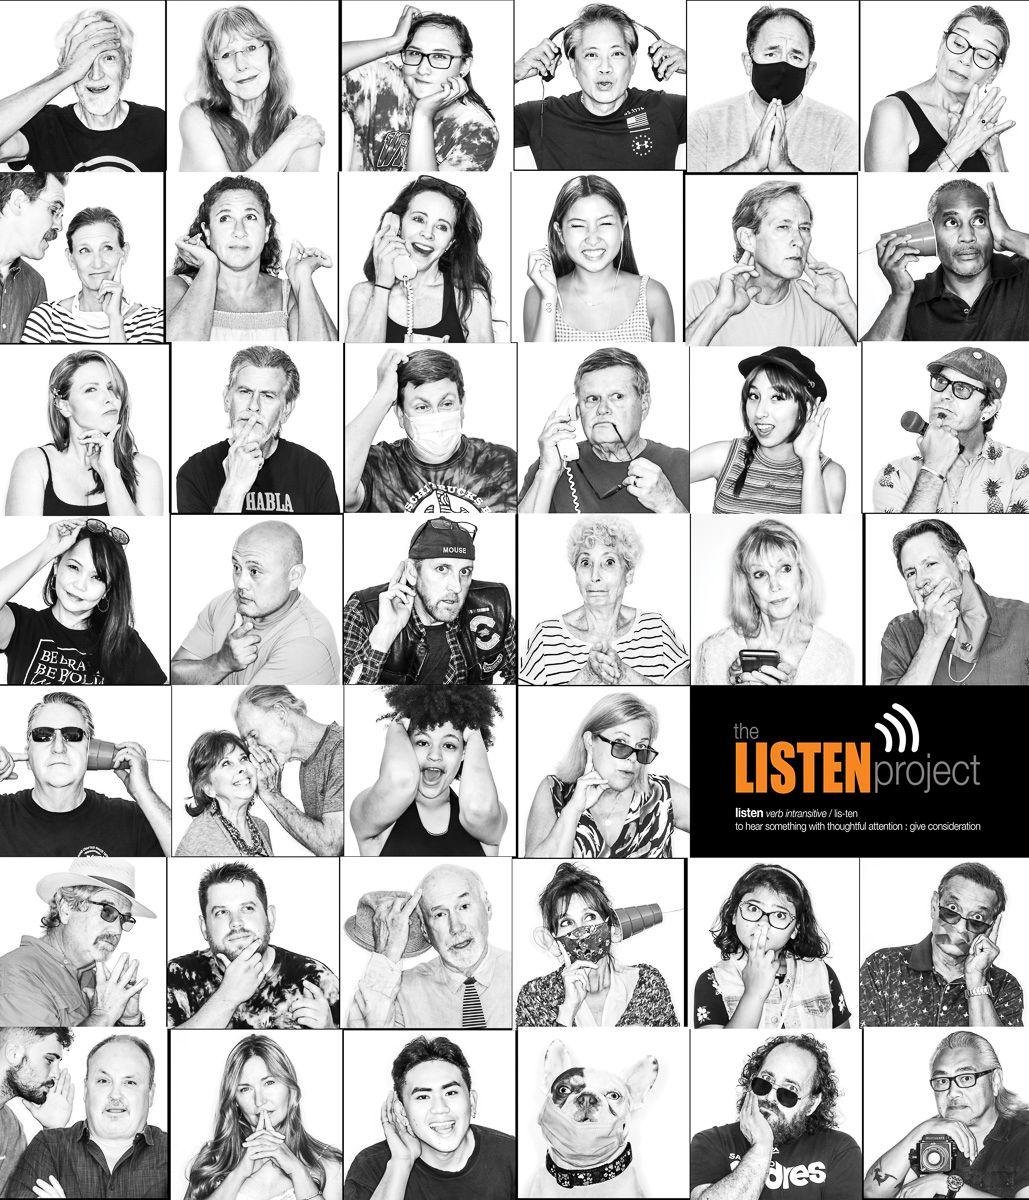 listenprojectcollage.jpg